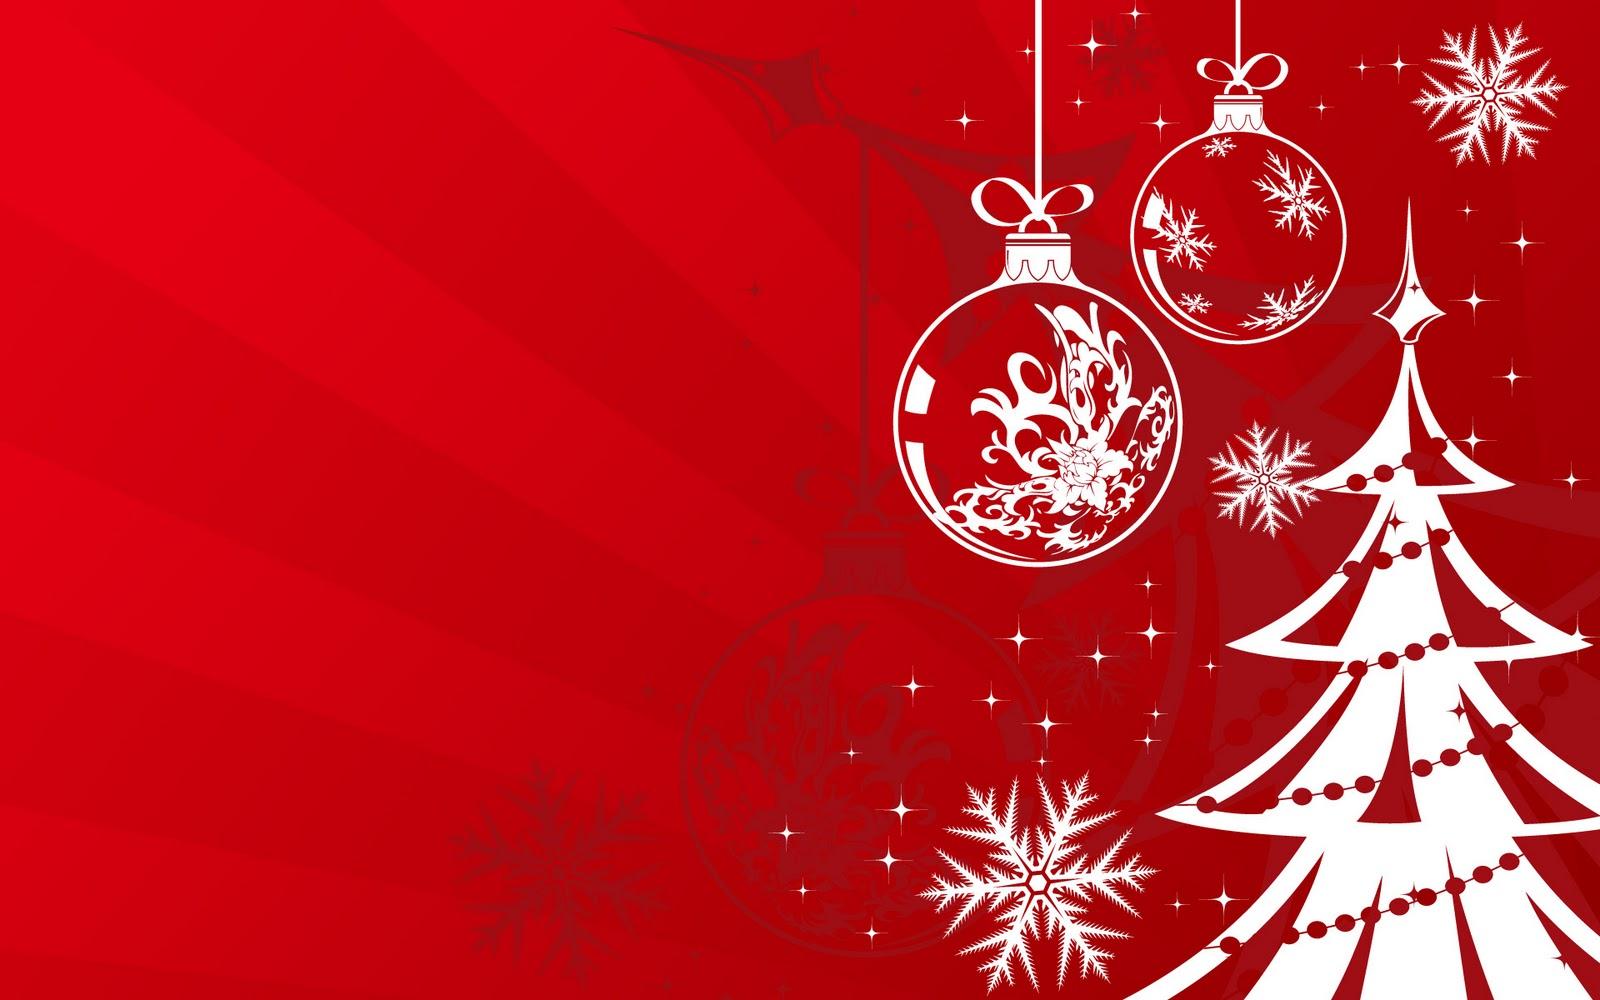 Velika Božićna akcija! 50% popusta na postojeće tečajeve!